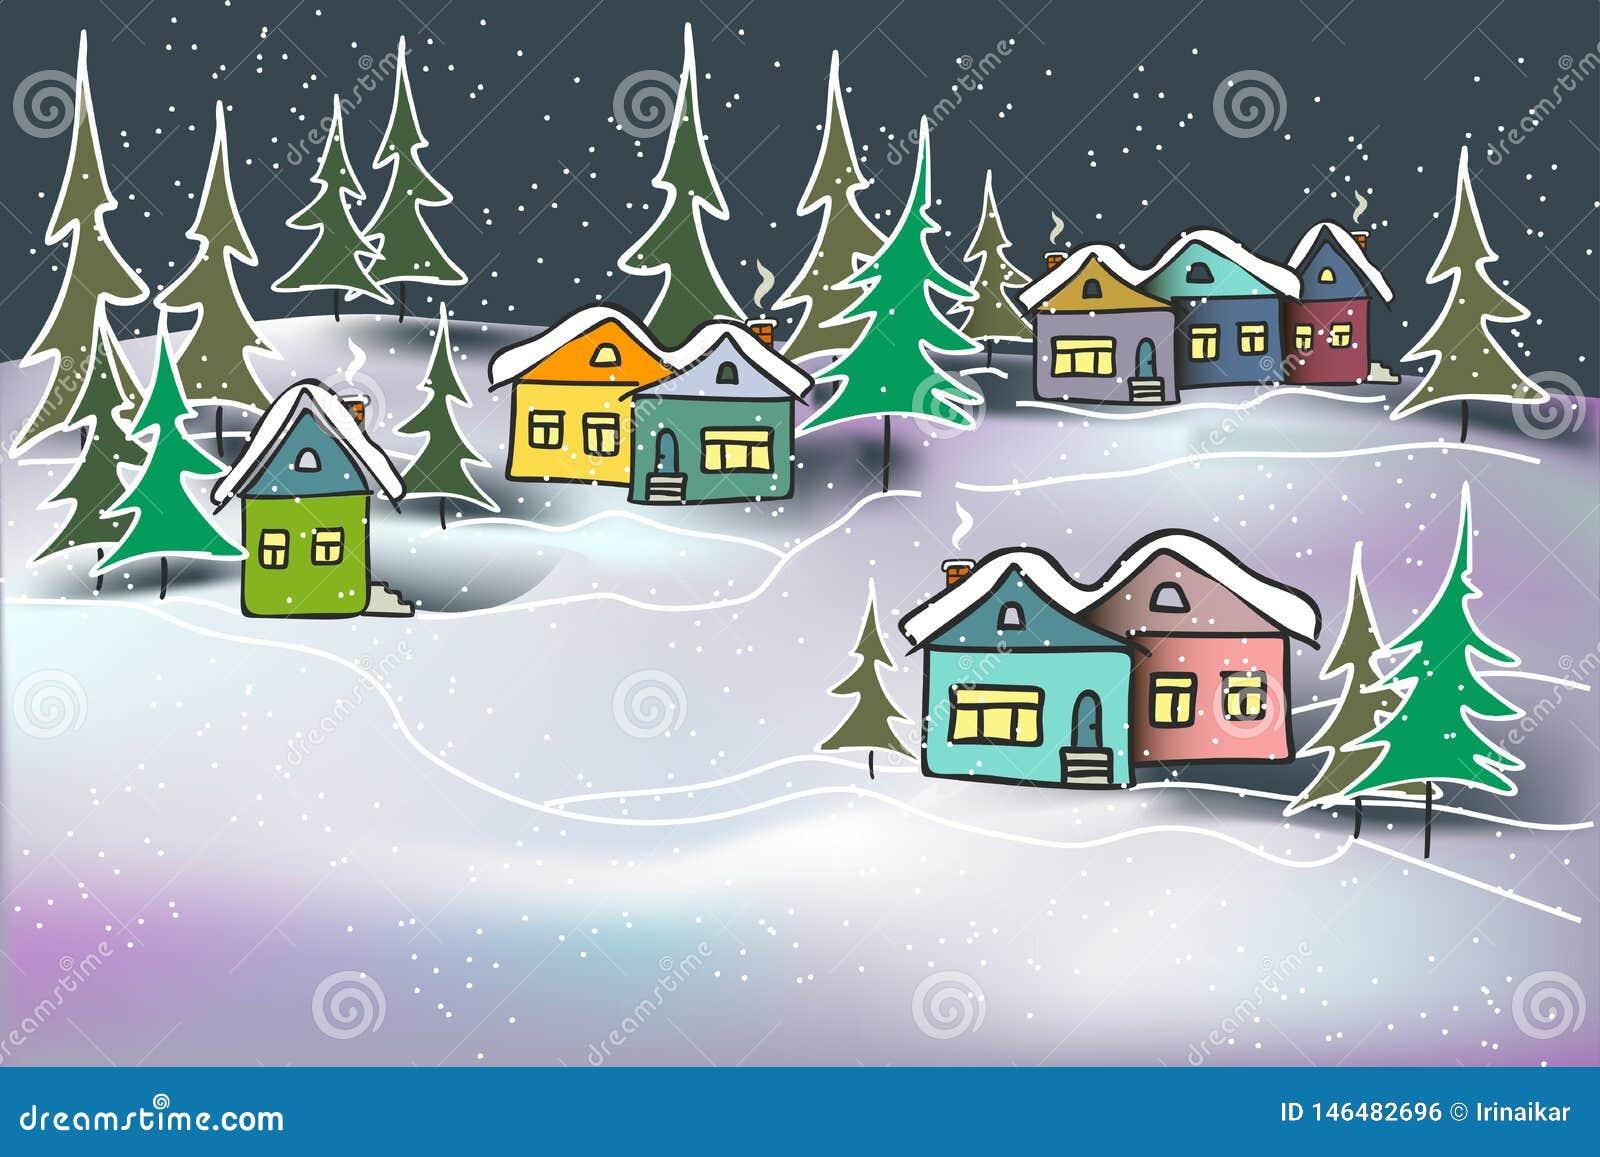 Mehrfarbige Häuser und Tannen des netten gemütlichen Nachtwinterlandschaftskaramels in den Schneeantrieben